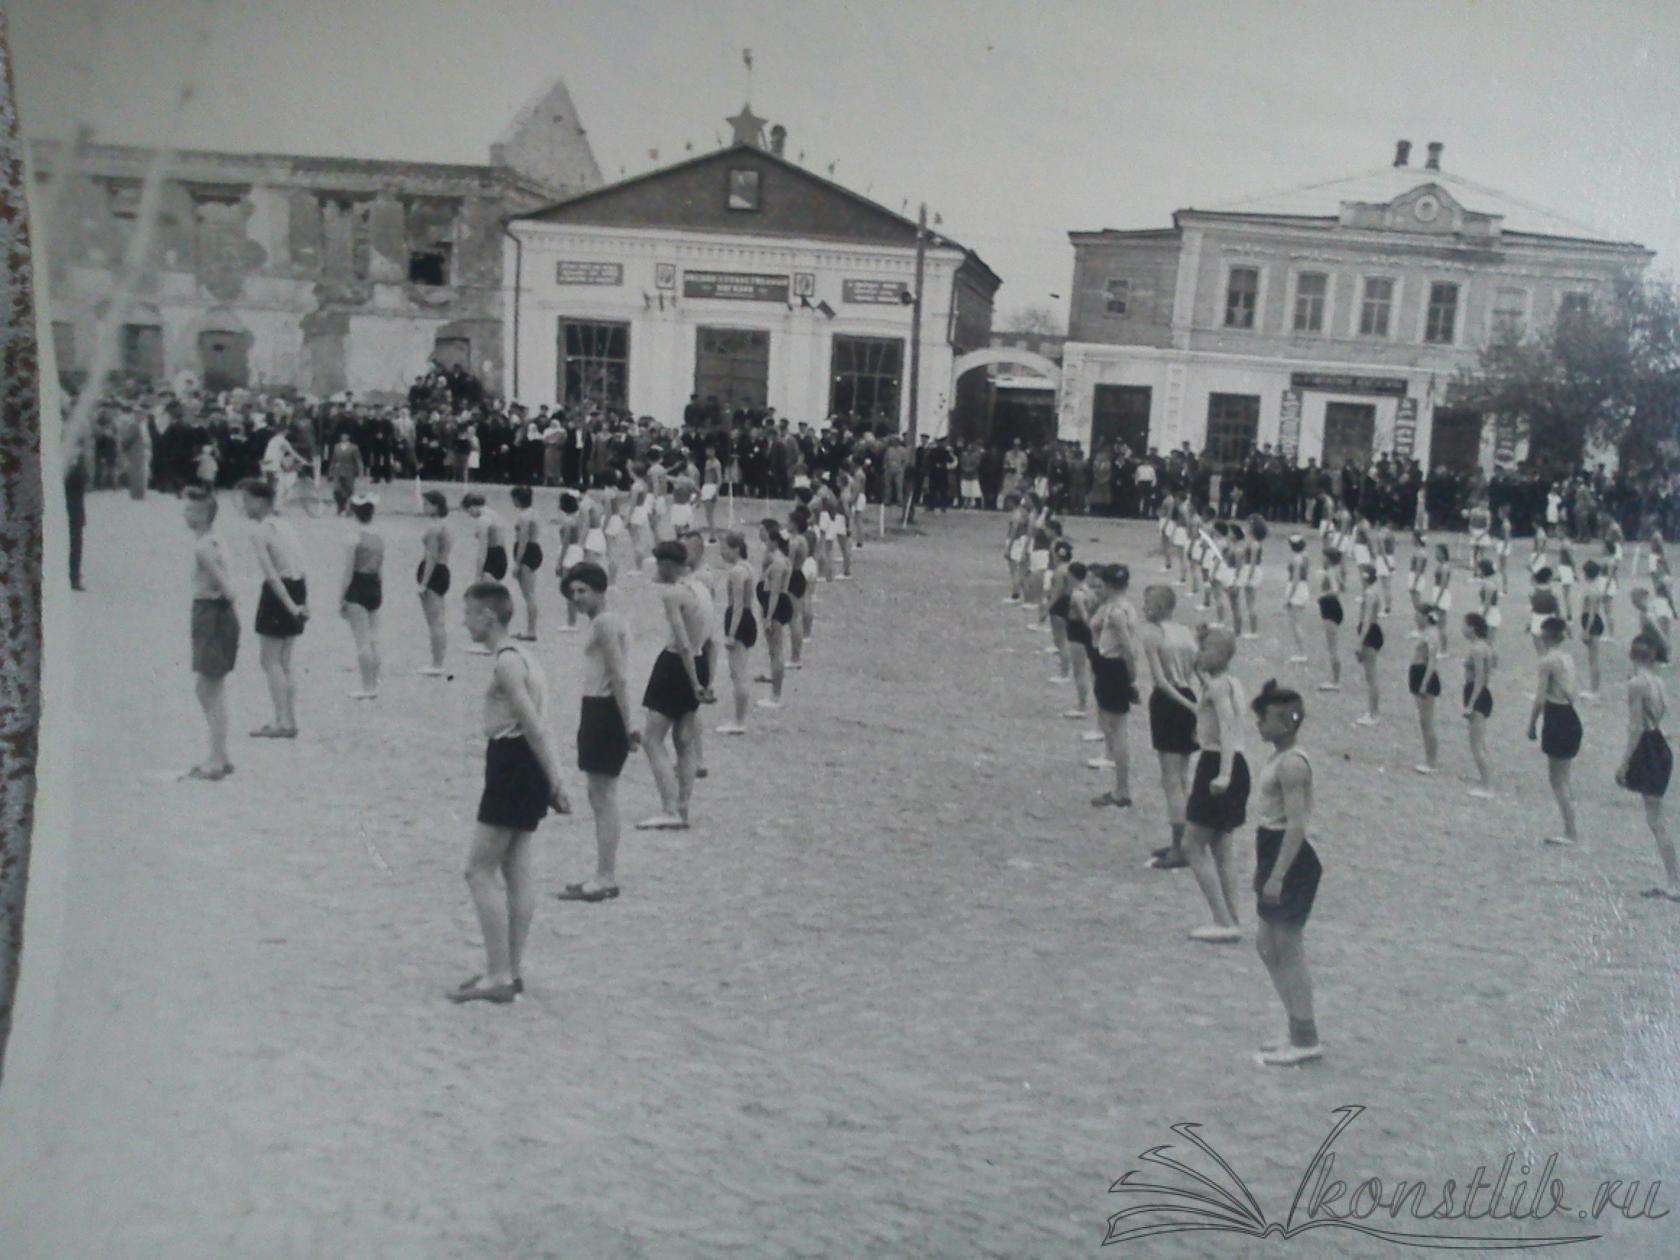 Приблизительно 1958 г. Вид на здание, разрушенное в ходе ВОВ. Вид с бывшей площади (сейчас сквер на ул. Ленина)